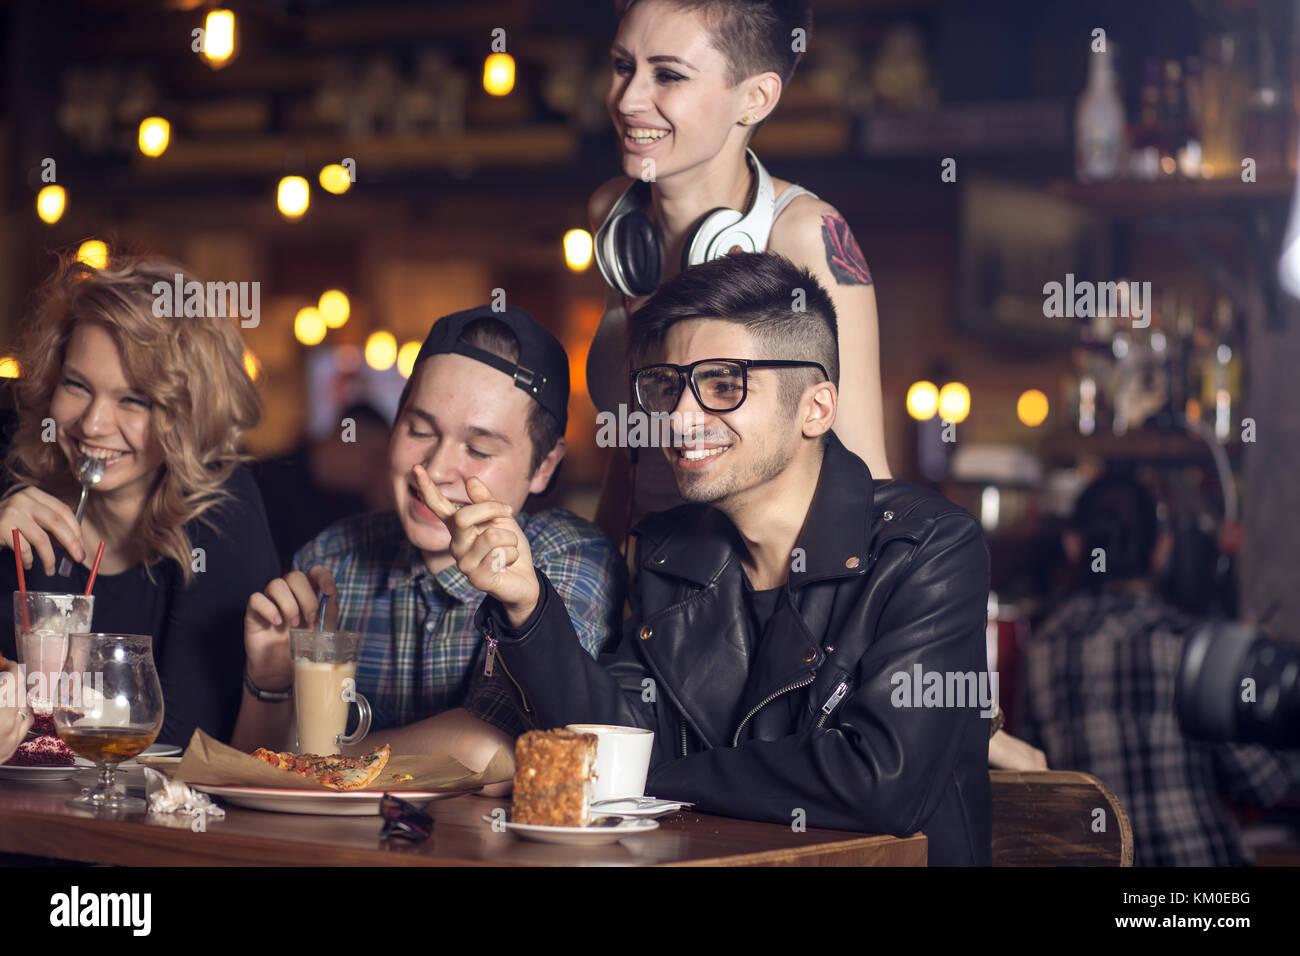 Leute, die Freundschaft miteinander Coffee-Shop-Konzept Stockbild